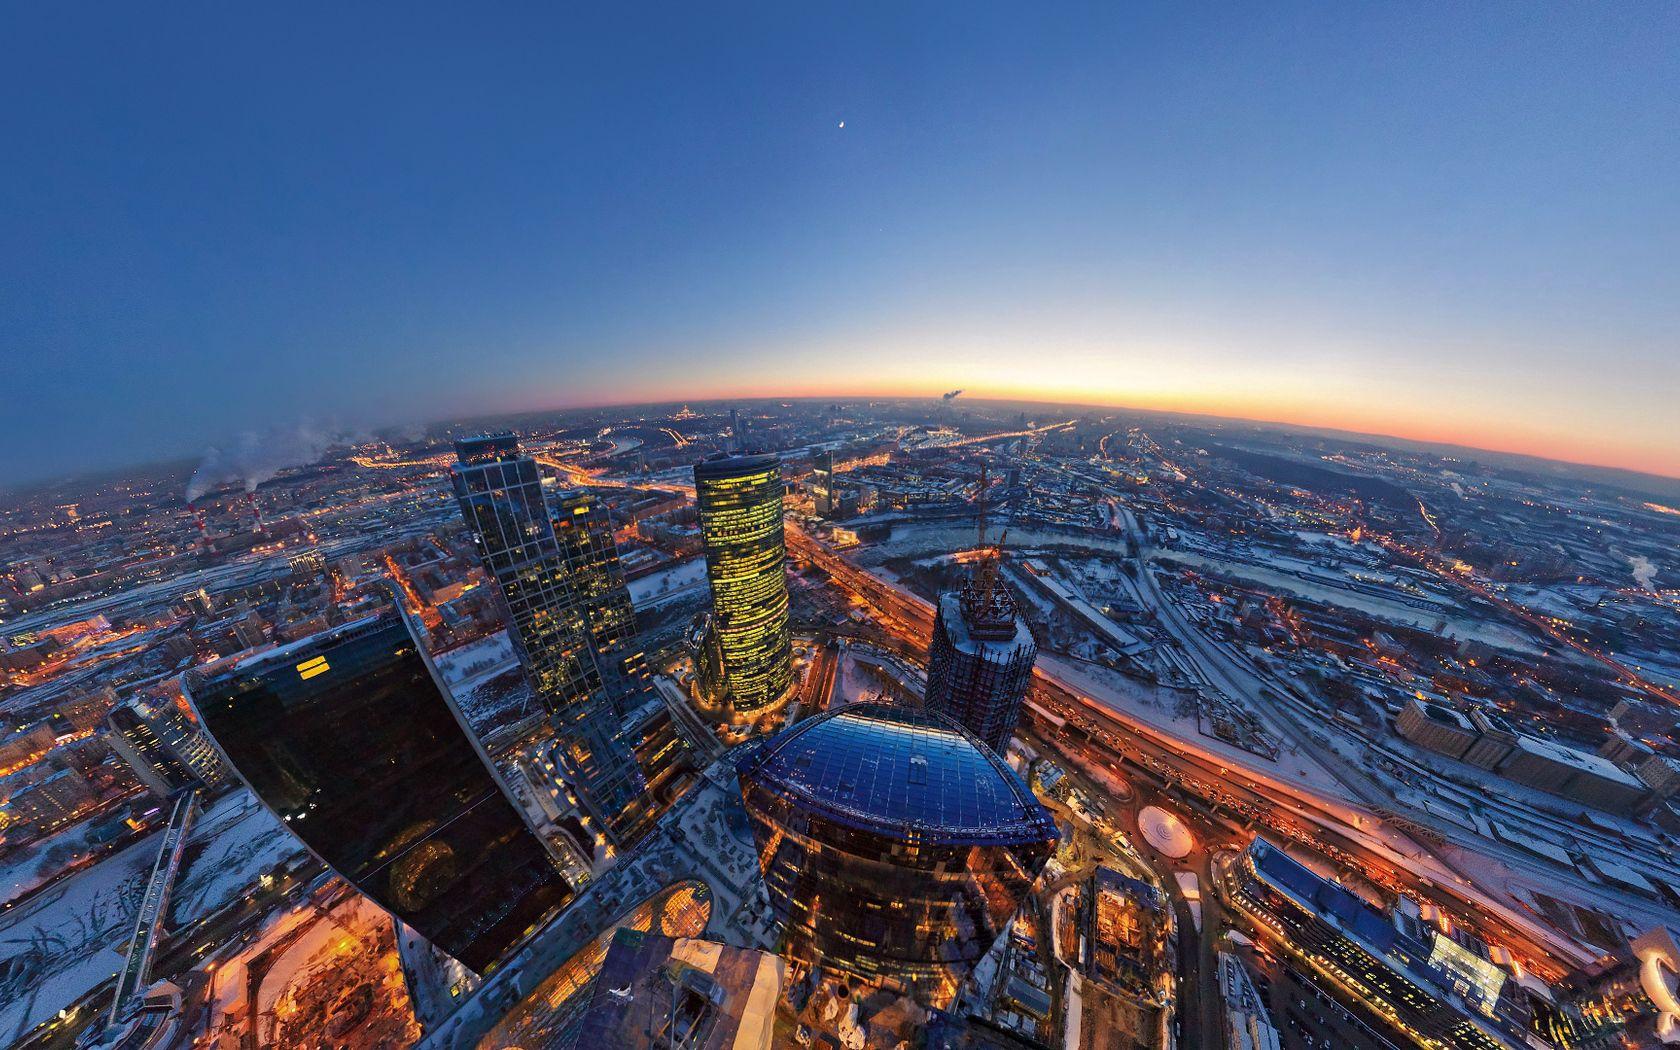 144441 скачать обои Москва, Города, Луна, Огни, Горизонт, Вечер, Сити - заставки и картинки бесплатно